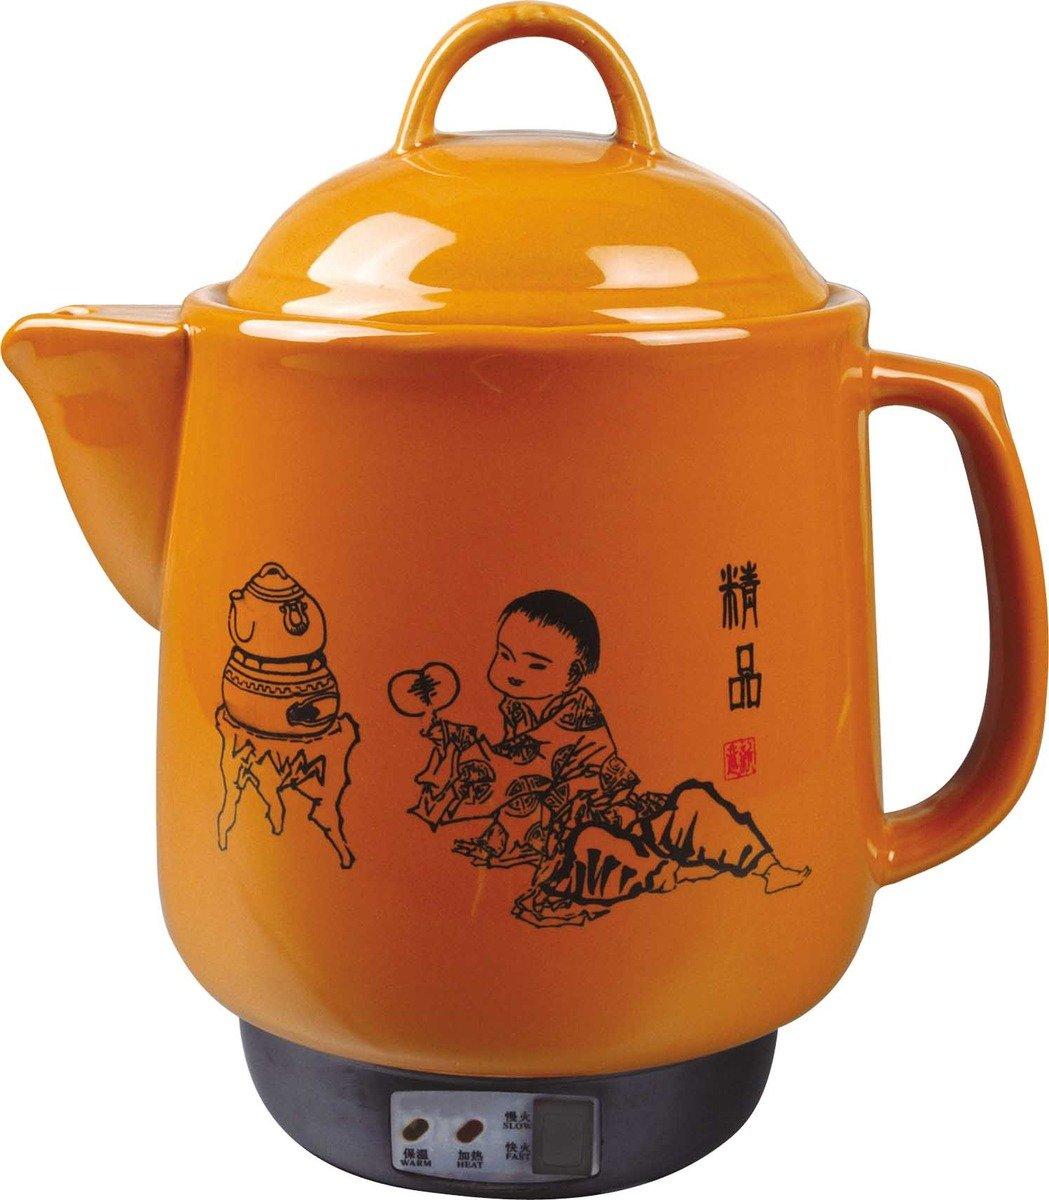 陶瓷保健壺 SK-1033